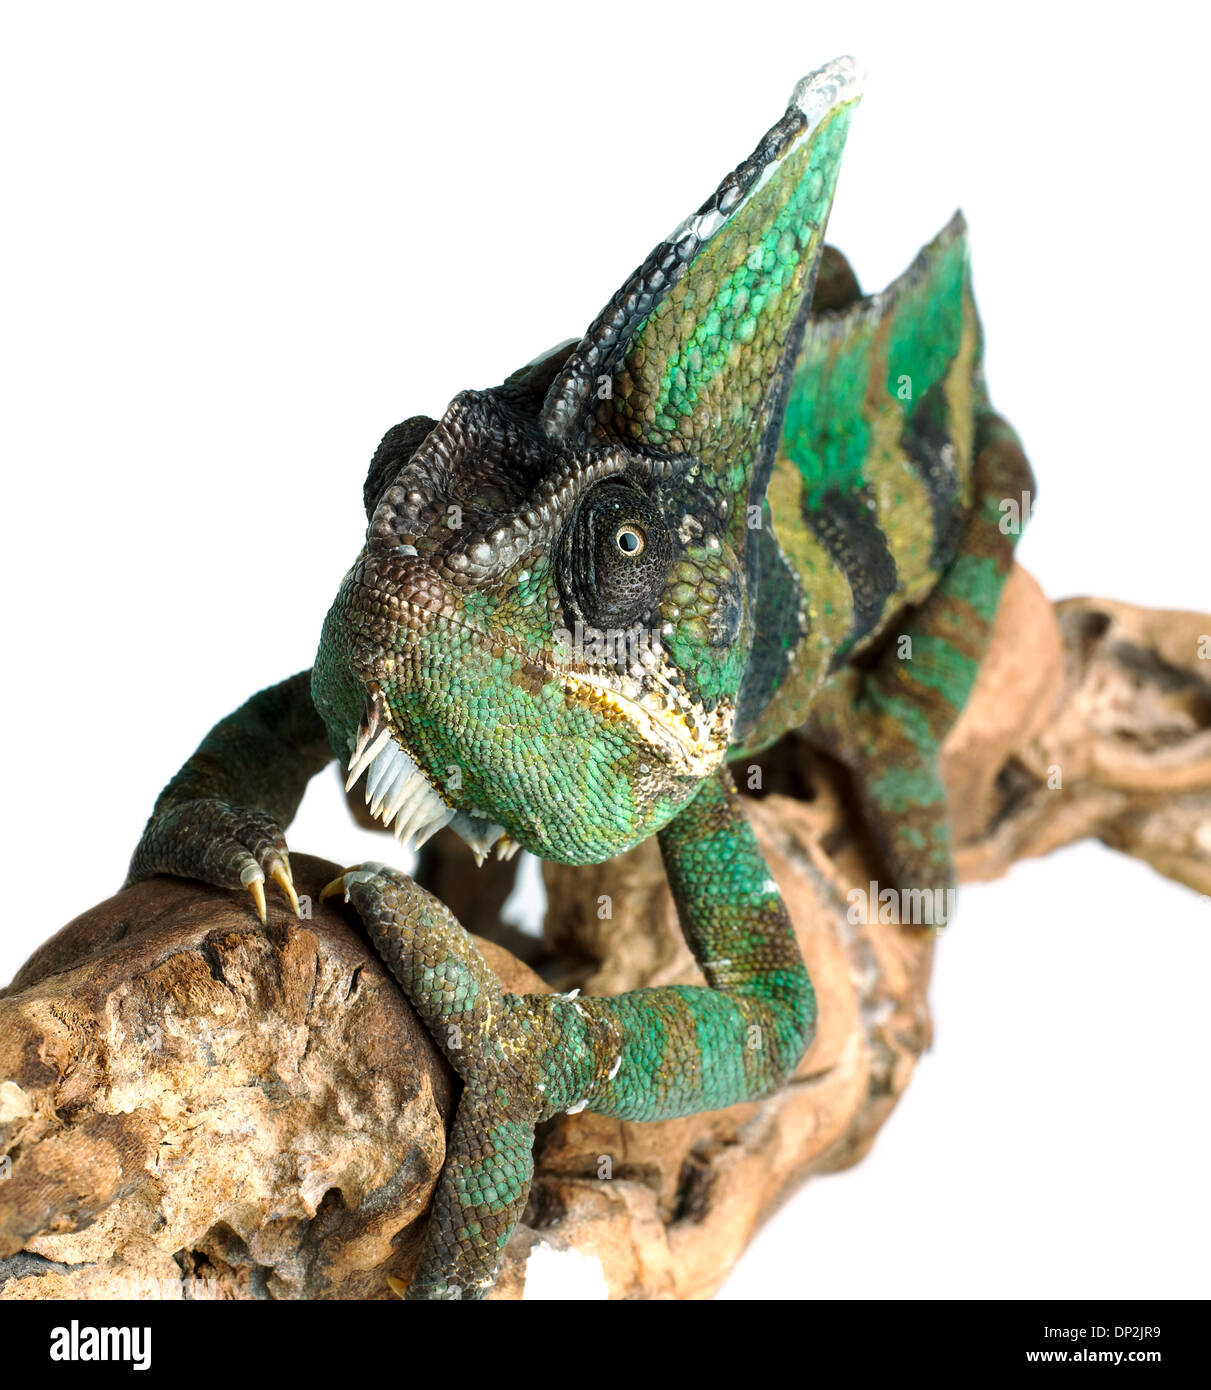 Veiled chameleon - Stock Image